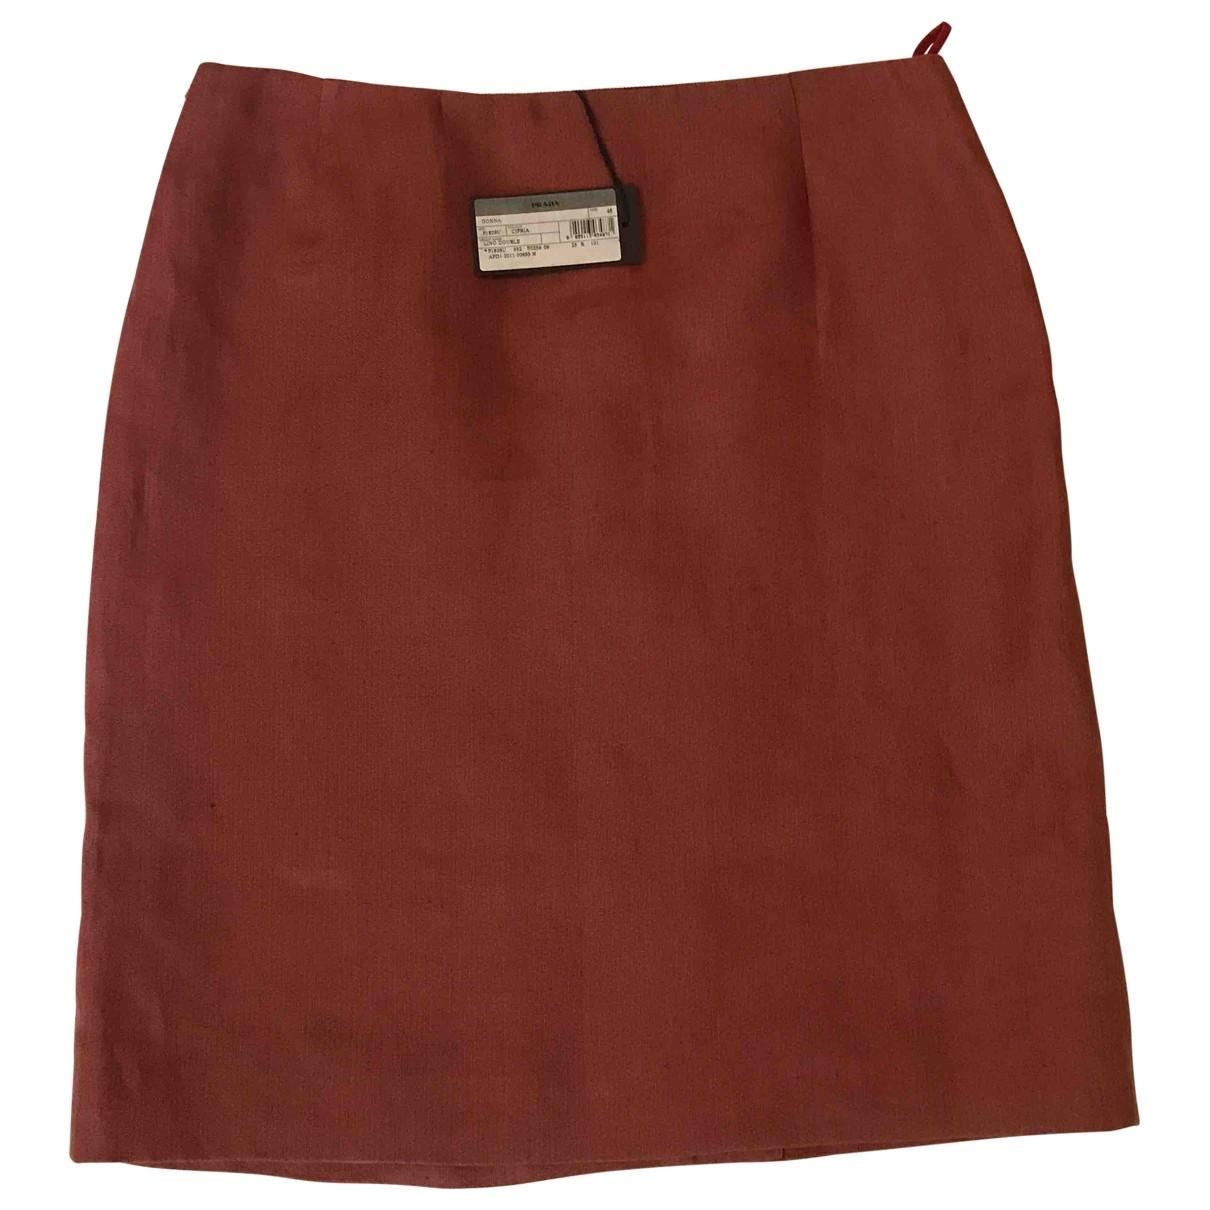 Prada \N Brown Linen skirt for Women 46 IT